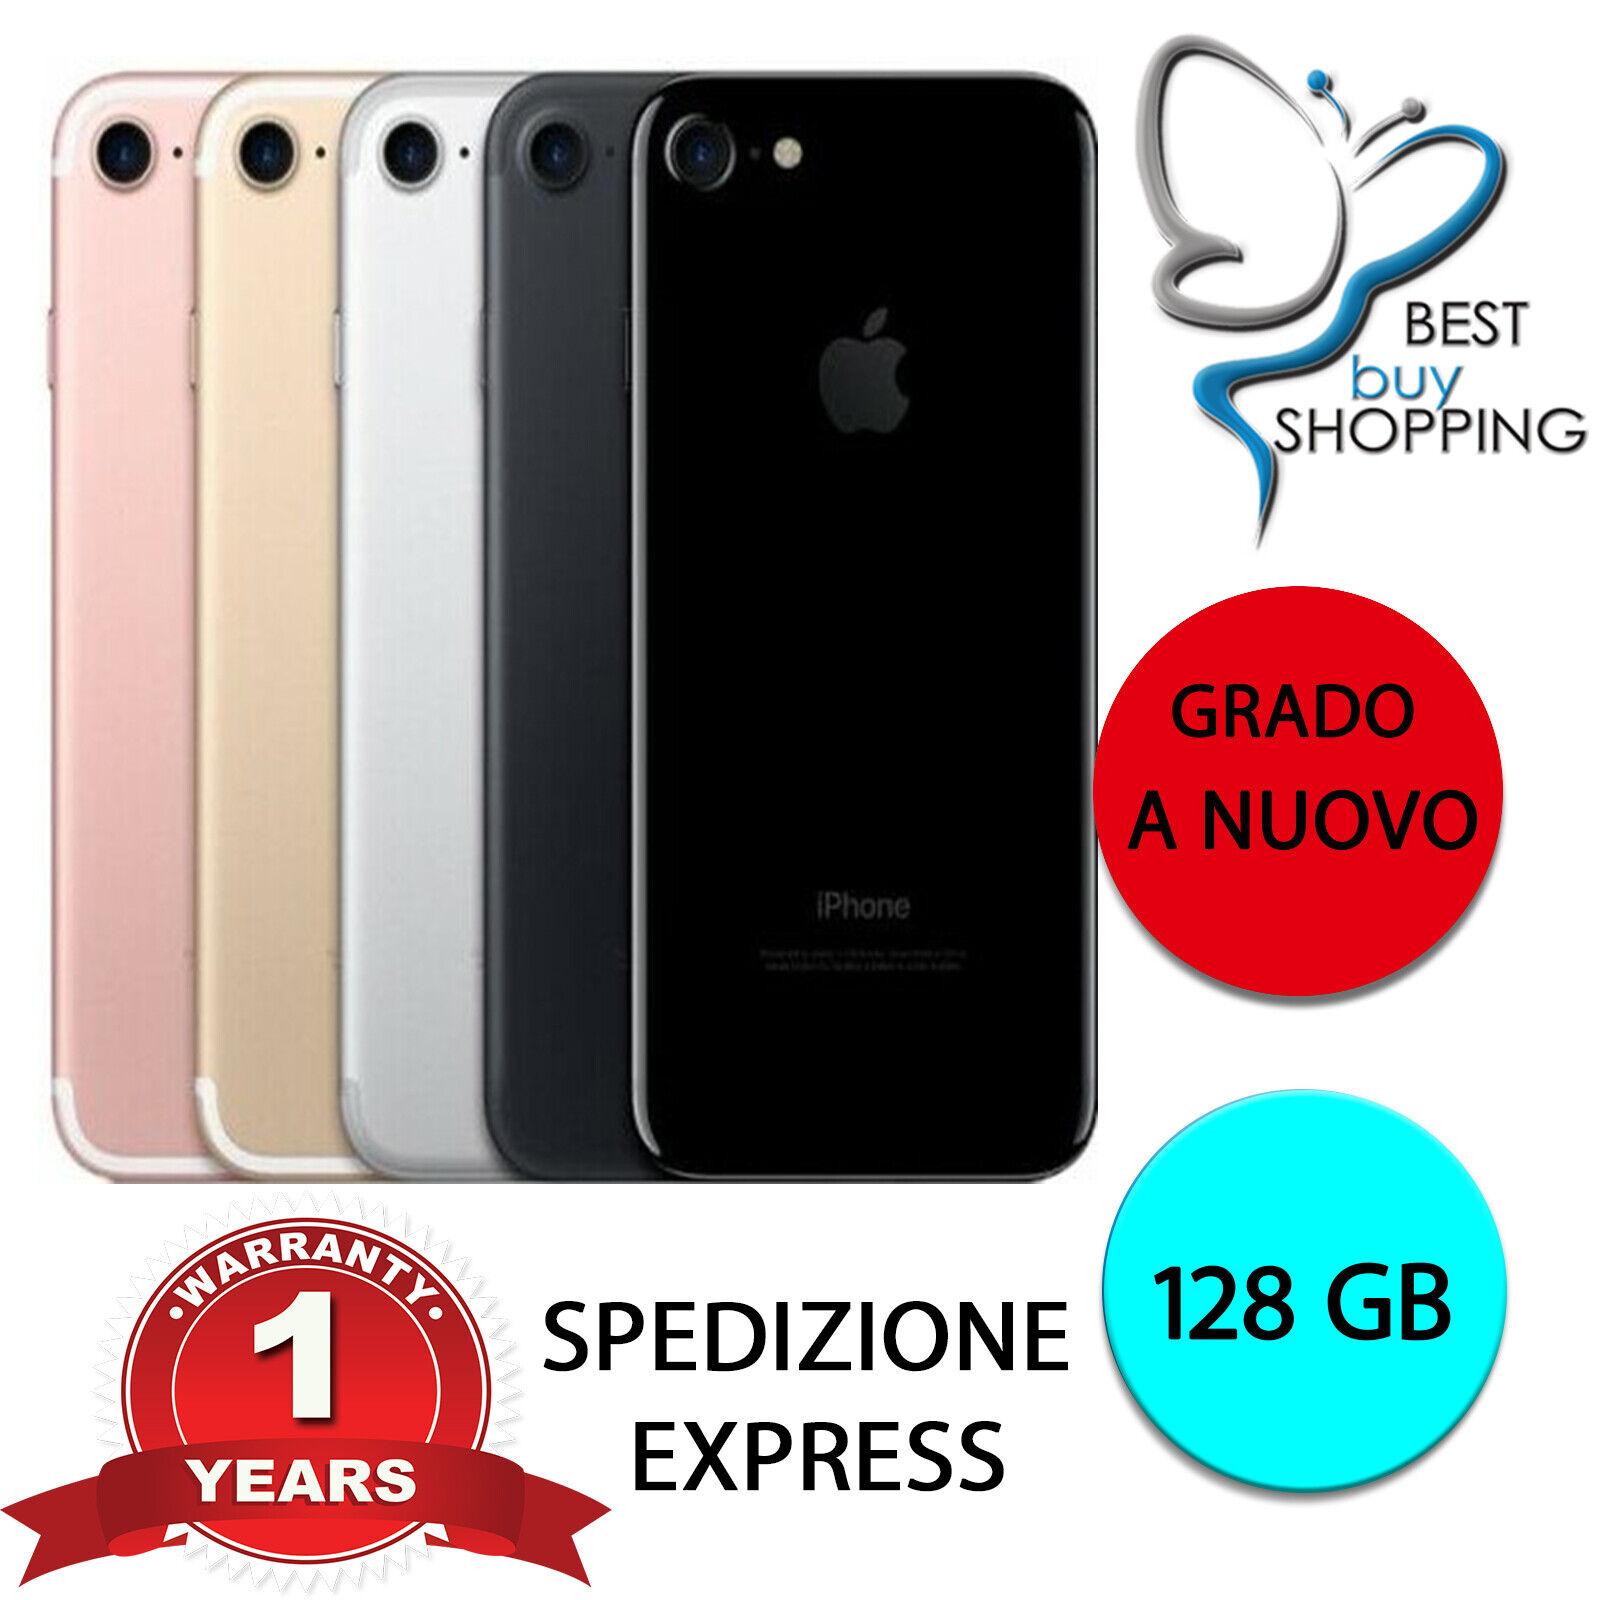 iPhone: IPHONE 7 RICONDIZIONATO A NUOVO 128 256 GB ORIGINALE APPLE NERO ORO ROSA SILVER